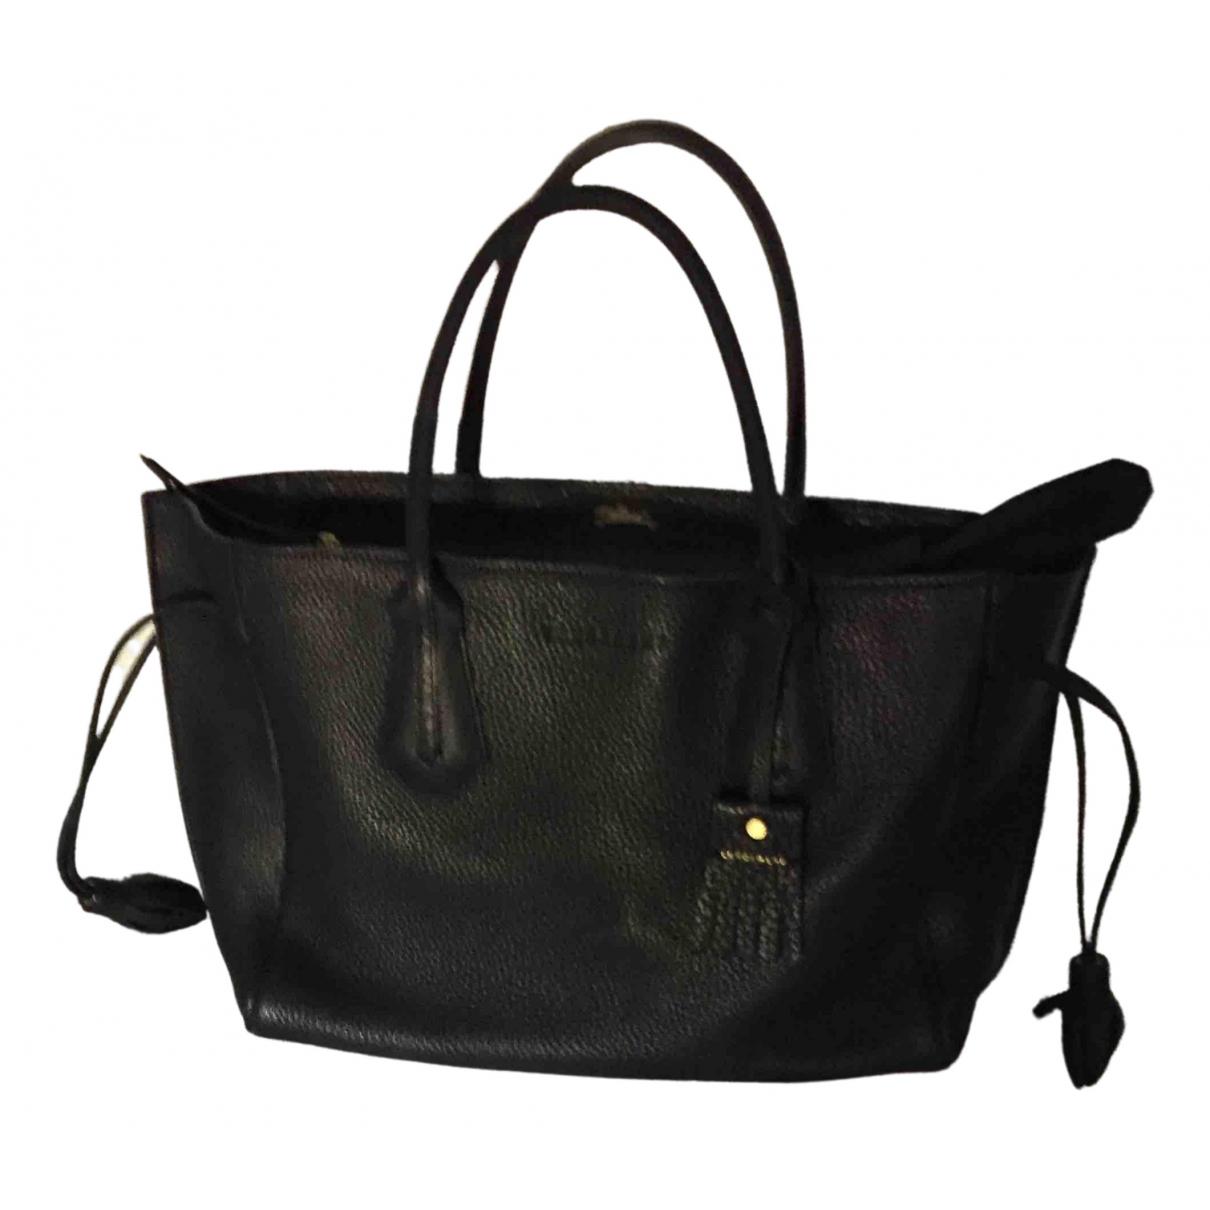 Longchamp \N Navy Leather handbag for Women \N